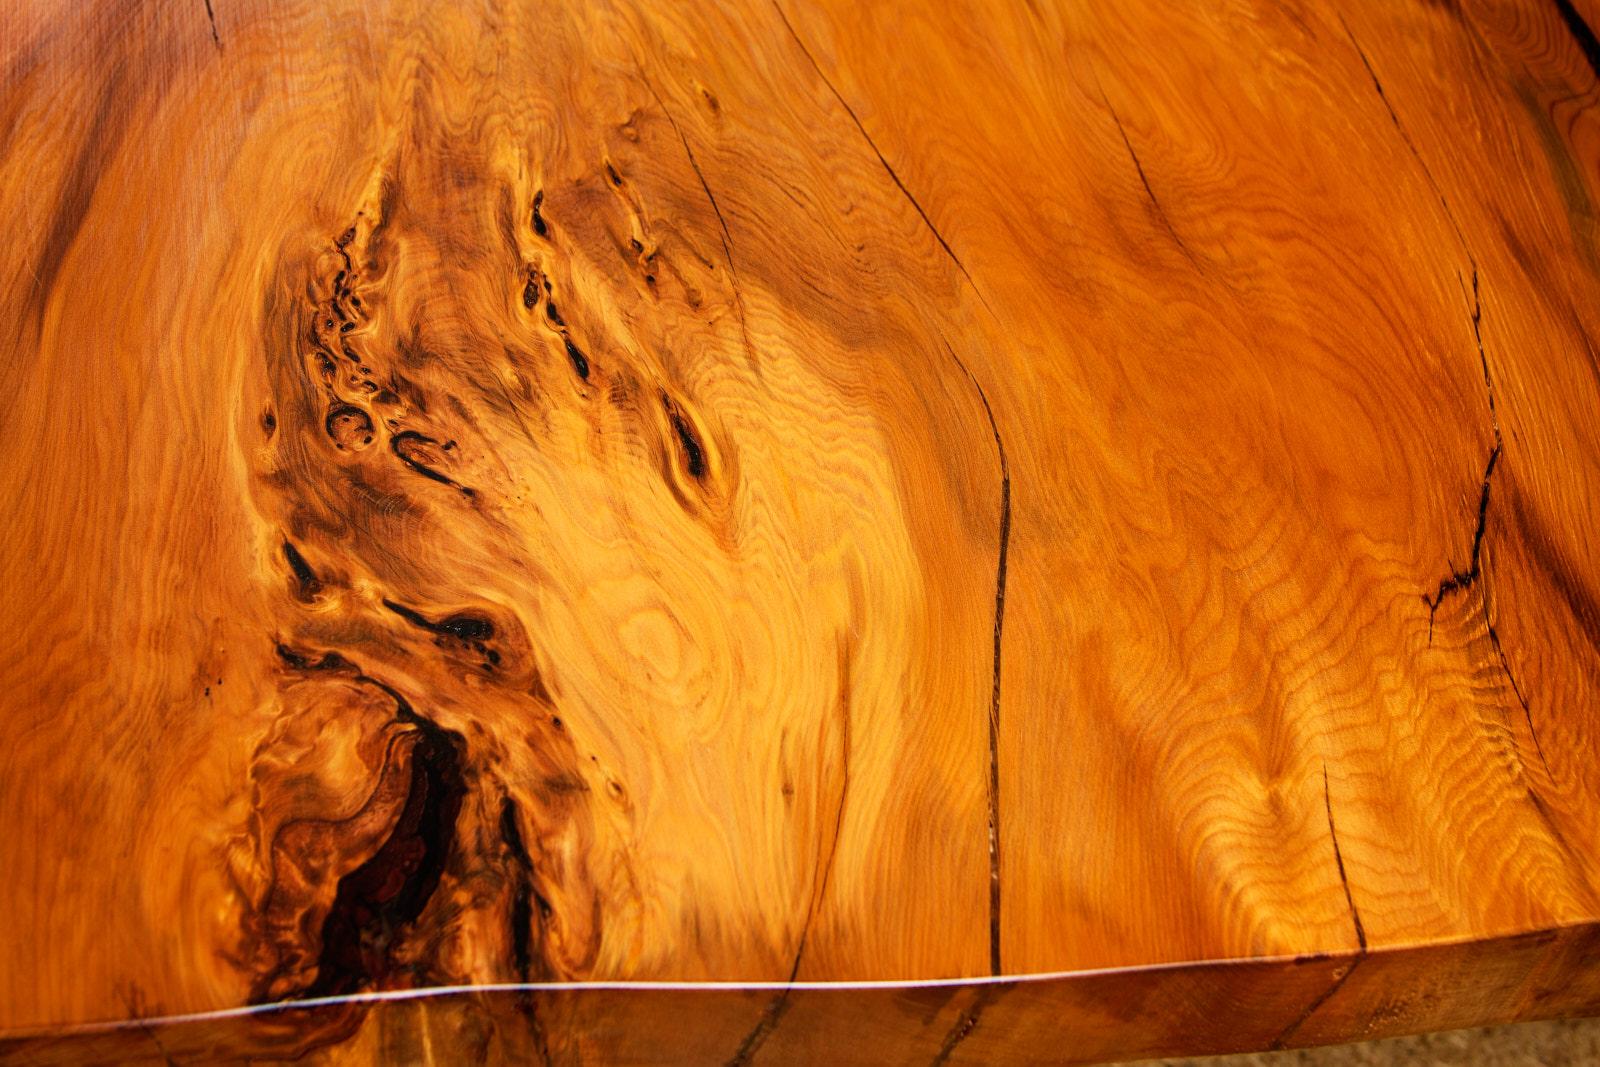 Holzkunst aus der Natur im kunstvollen Esstisch aus besonderem Kauri Holz, massiver Baumstamm Holztisch und Naturholztisch mit großer ästhestischer Massivholztischplatte